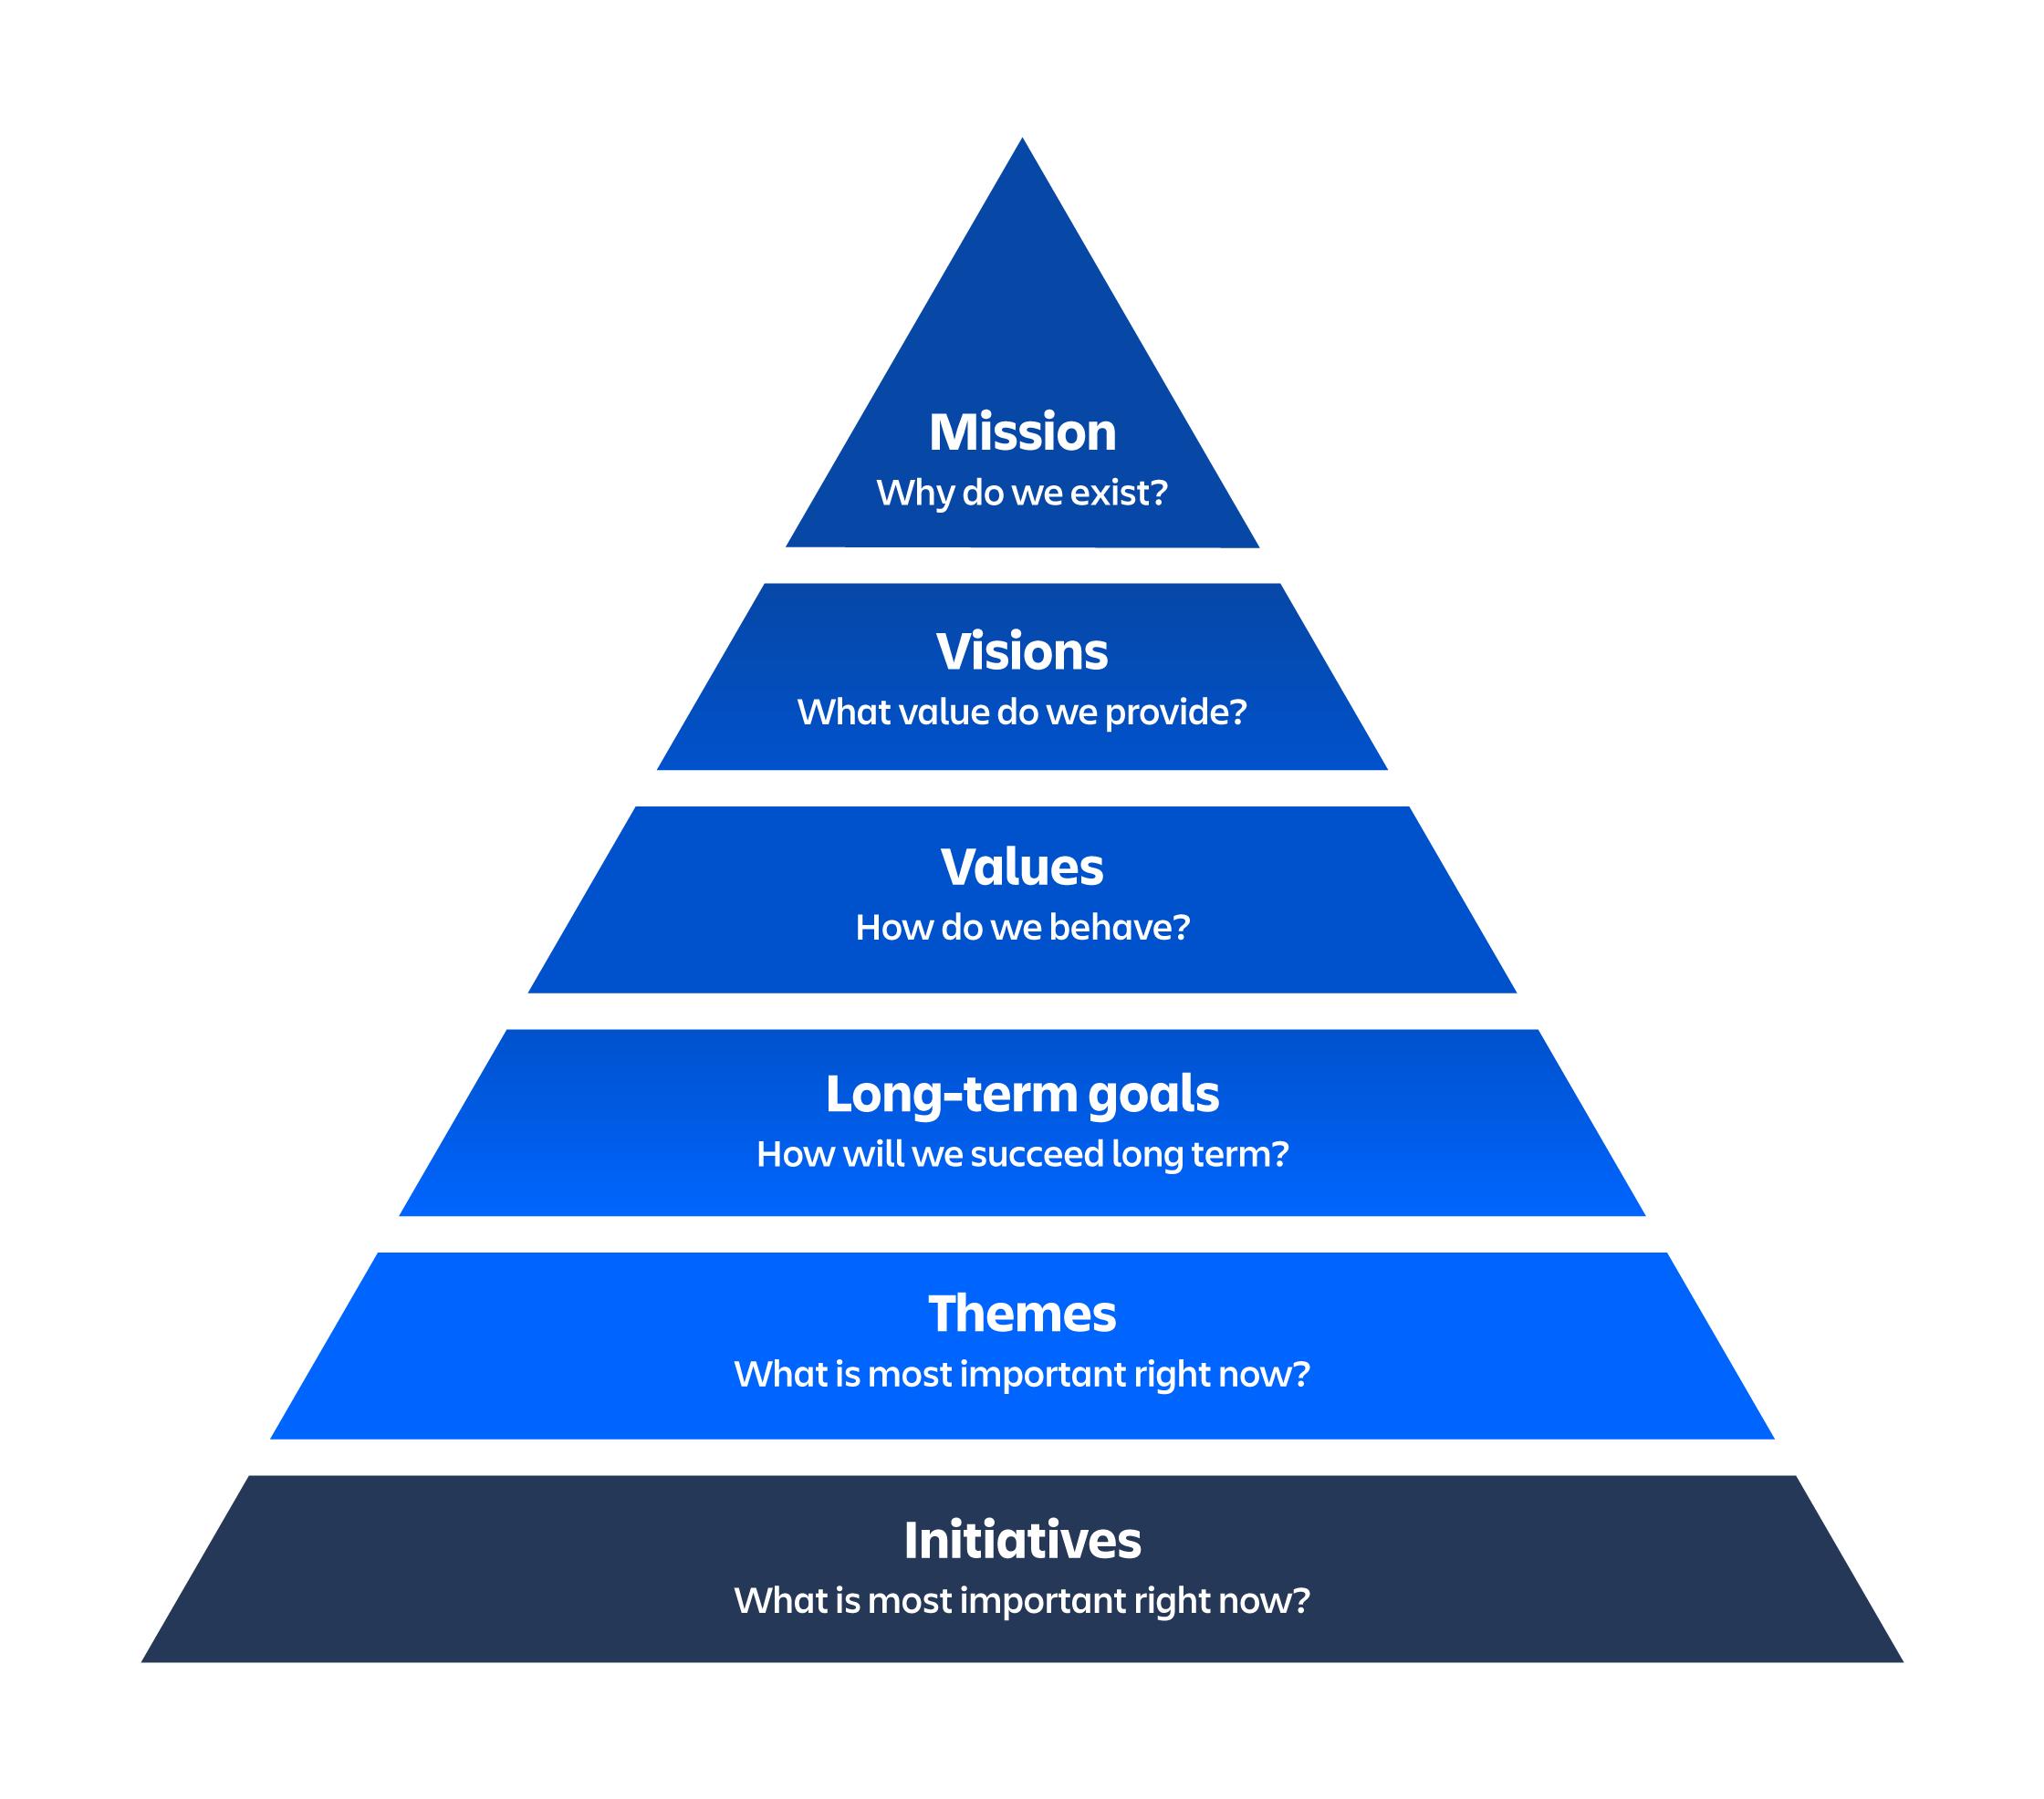 Lean Portfolio Management-Pyramide mit der Mission an der Spitze und den Initiativen an der Basis